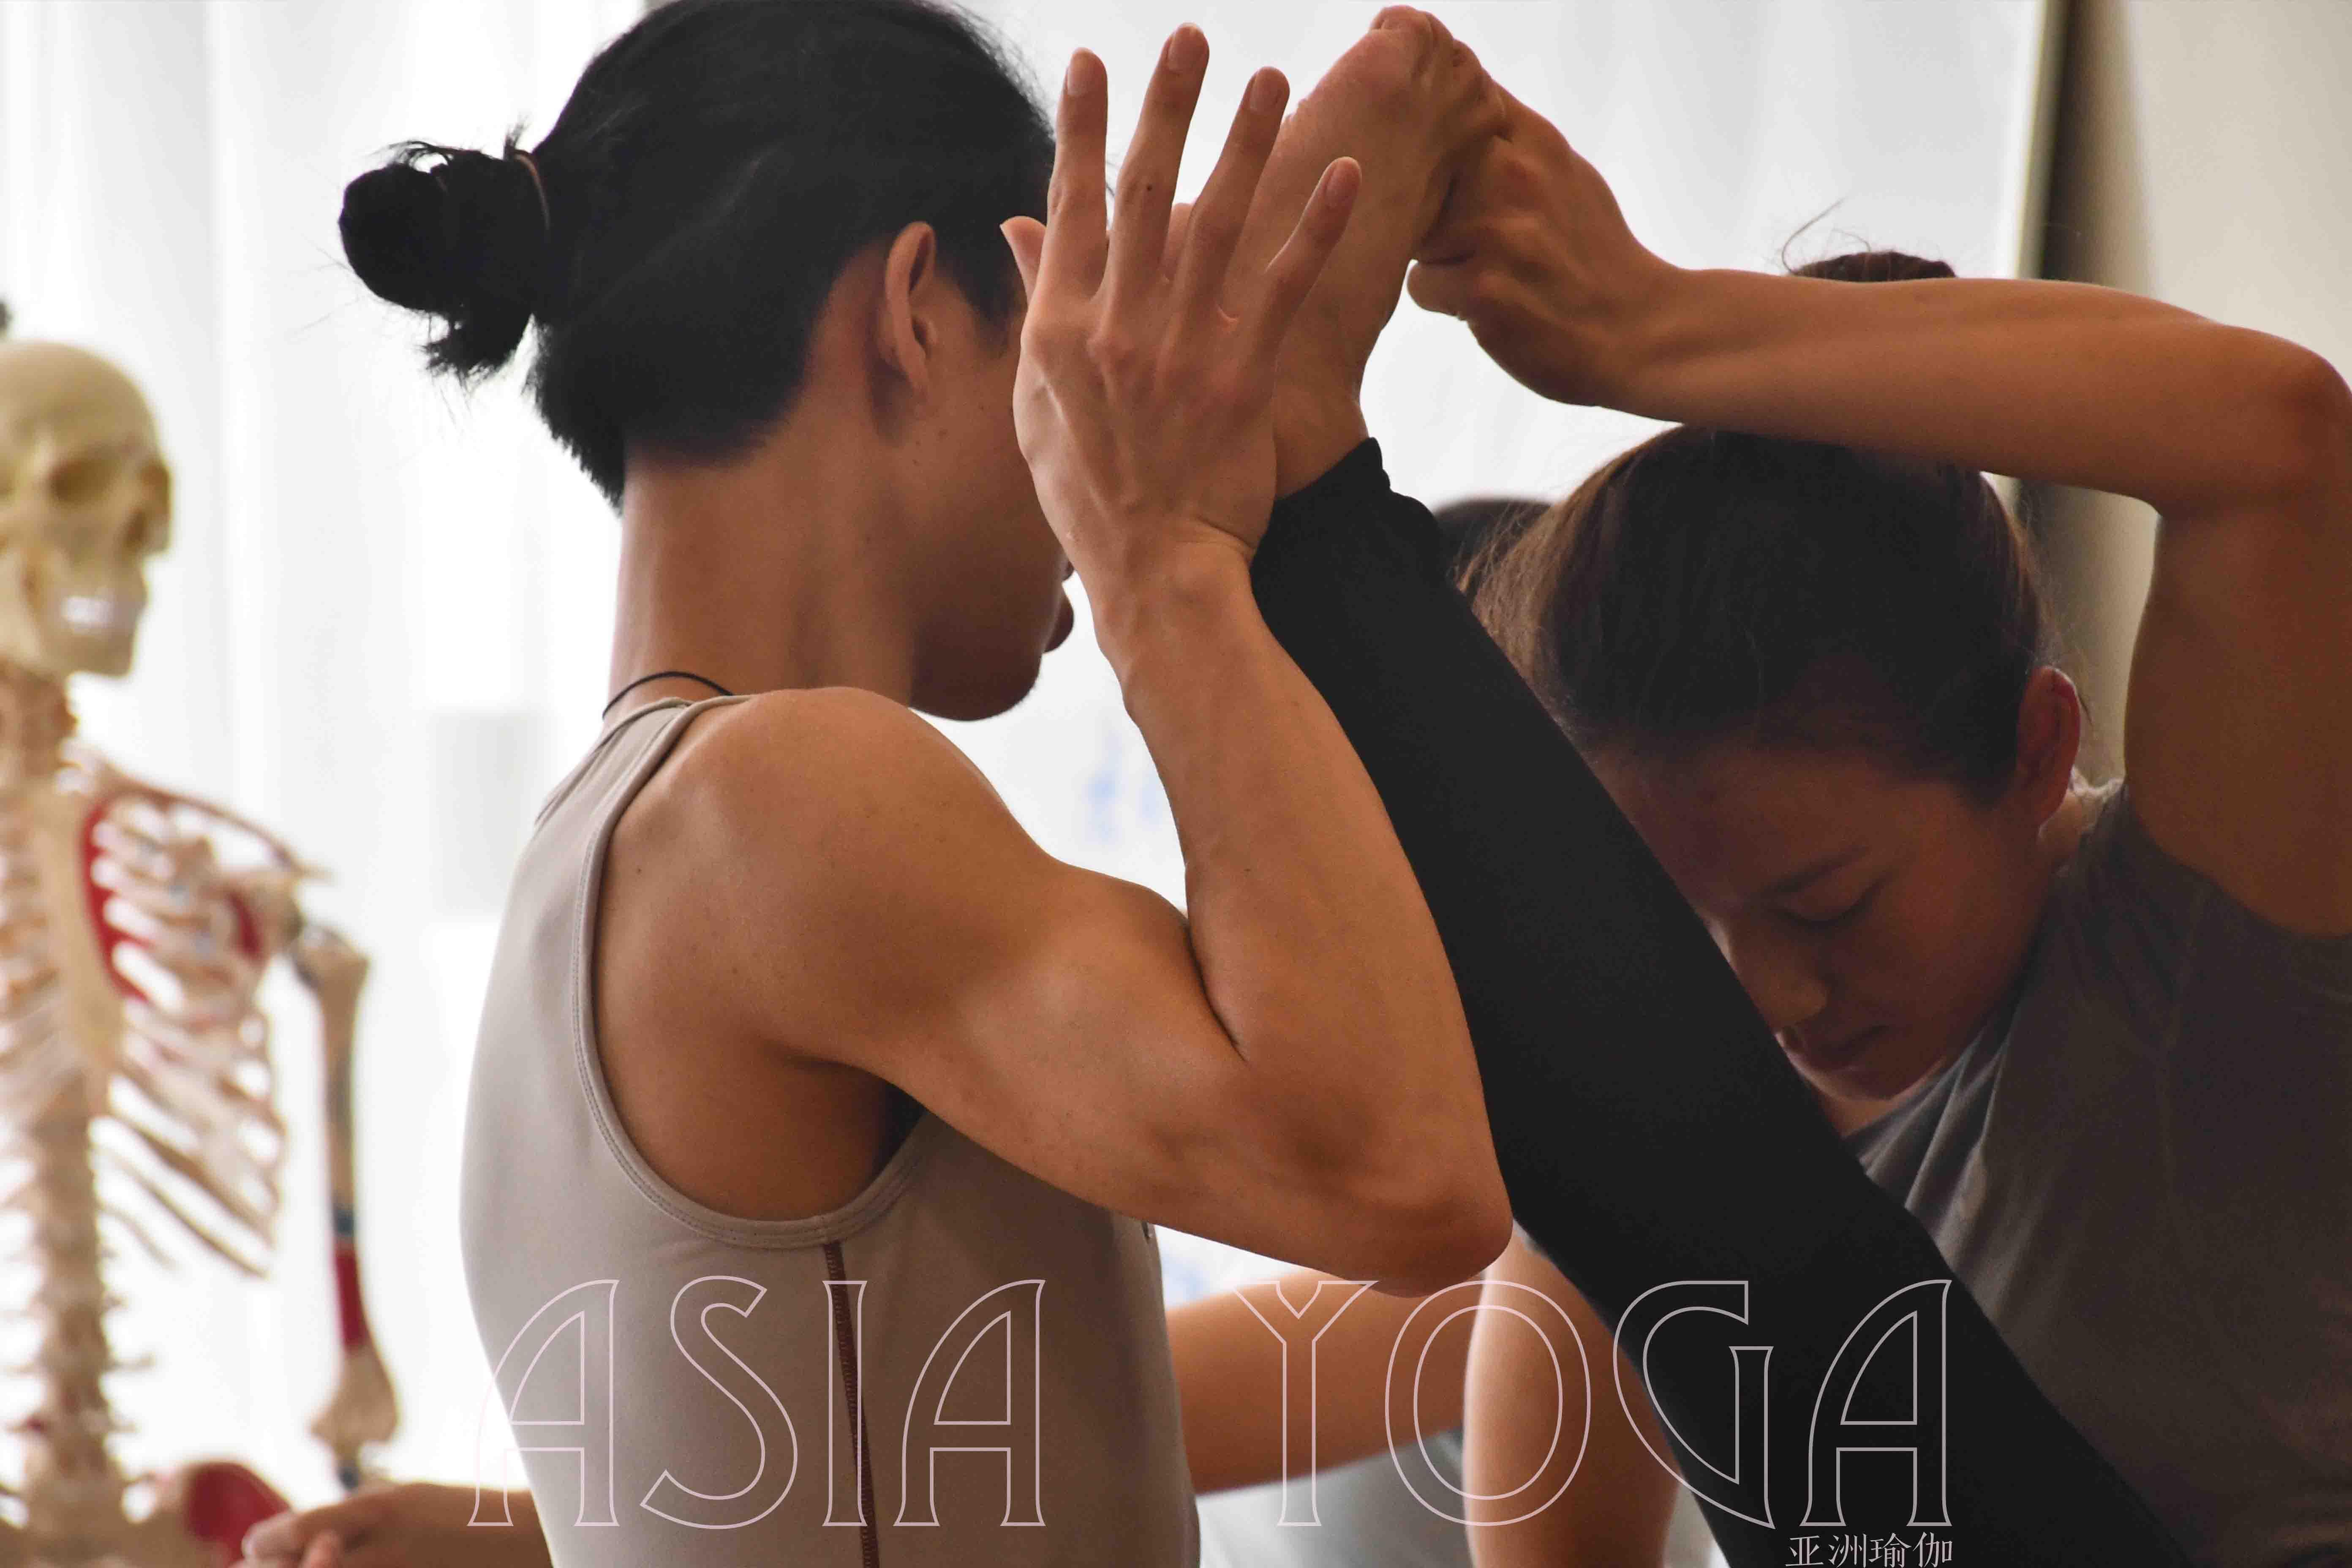 【阿斯汤加】感受传统阿斯汤加的魅力就在亚协瑜伽,11月10日开班!